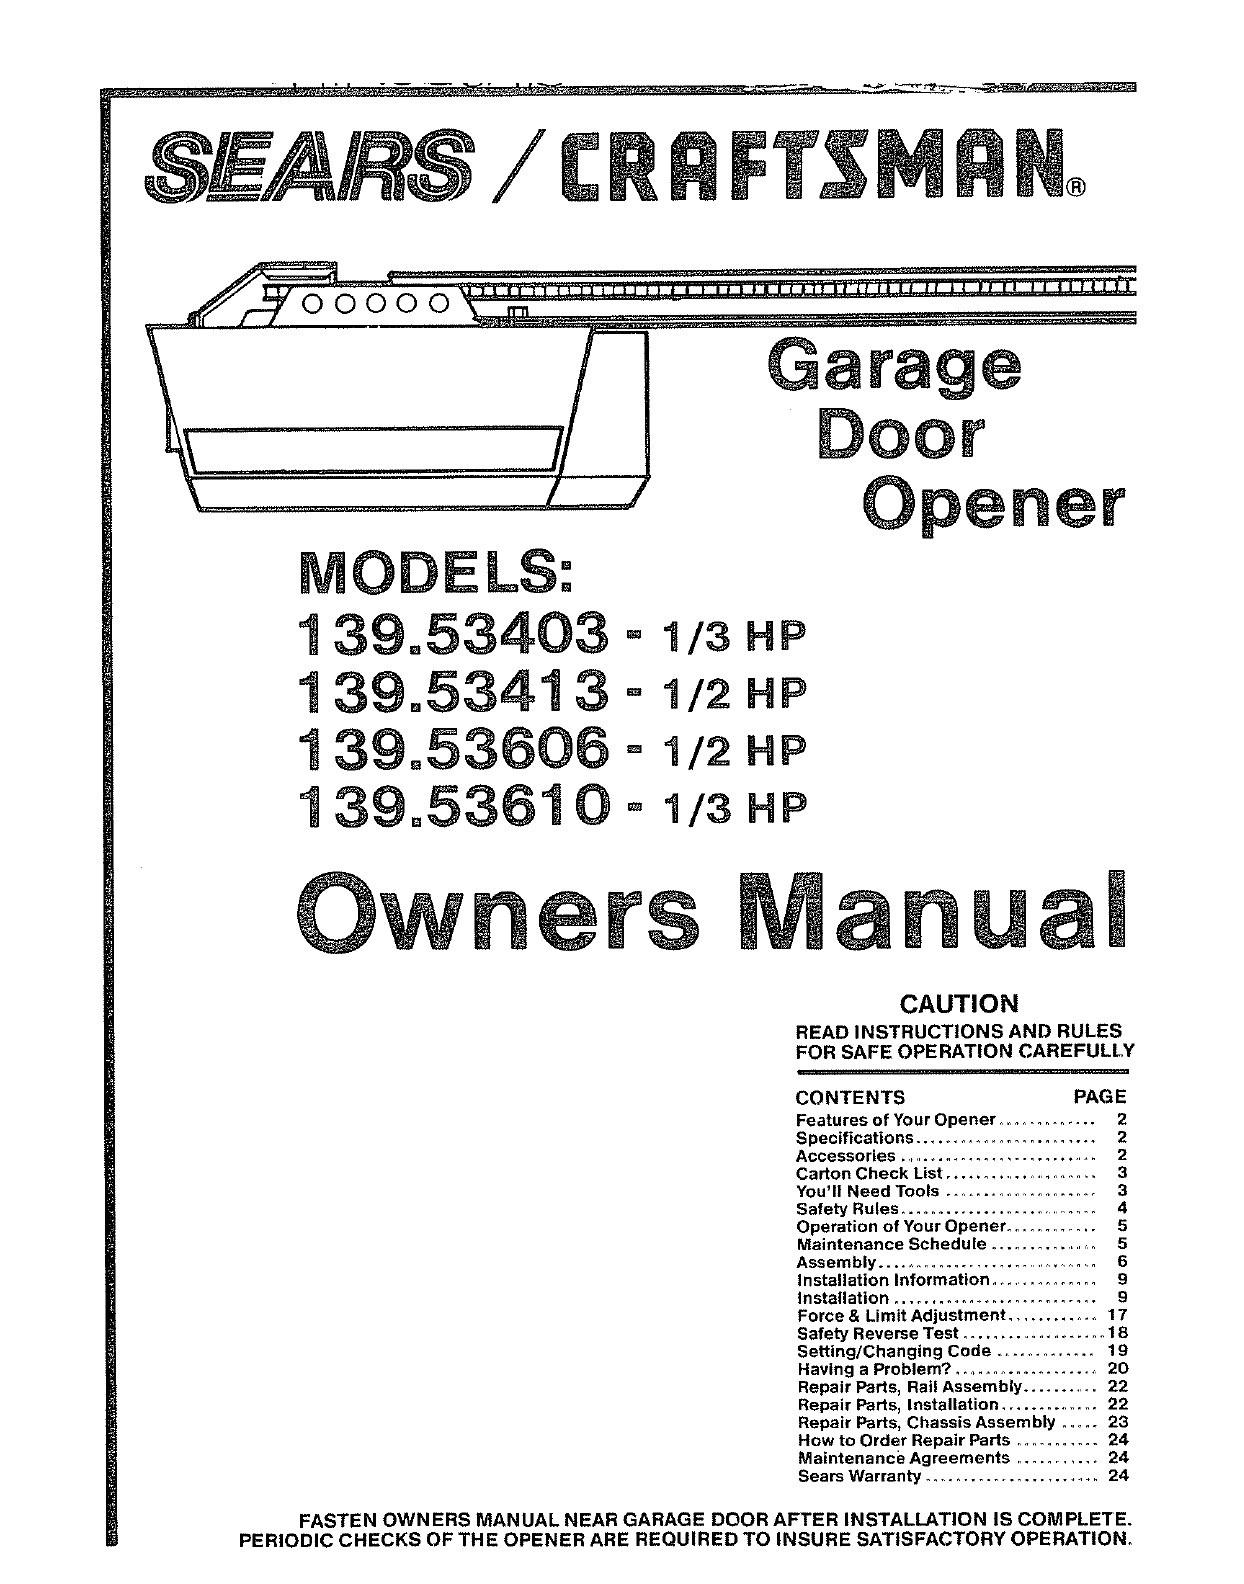 Wiring Diagram For Liftmaster Garage Door Opener New Of Random Dia - Liftmaster Wiring Diagram